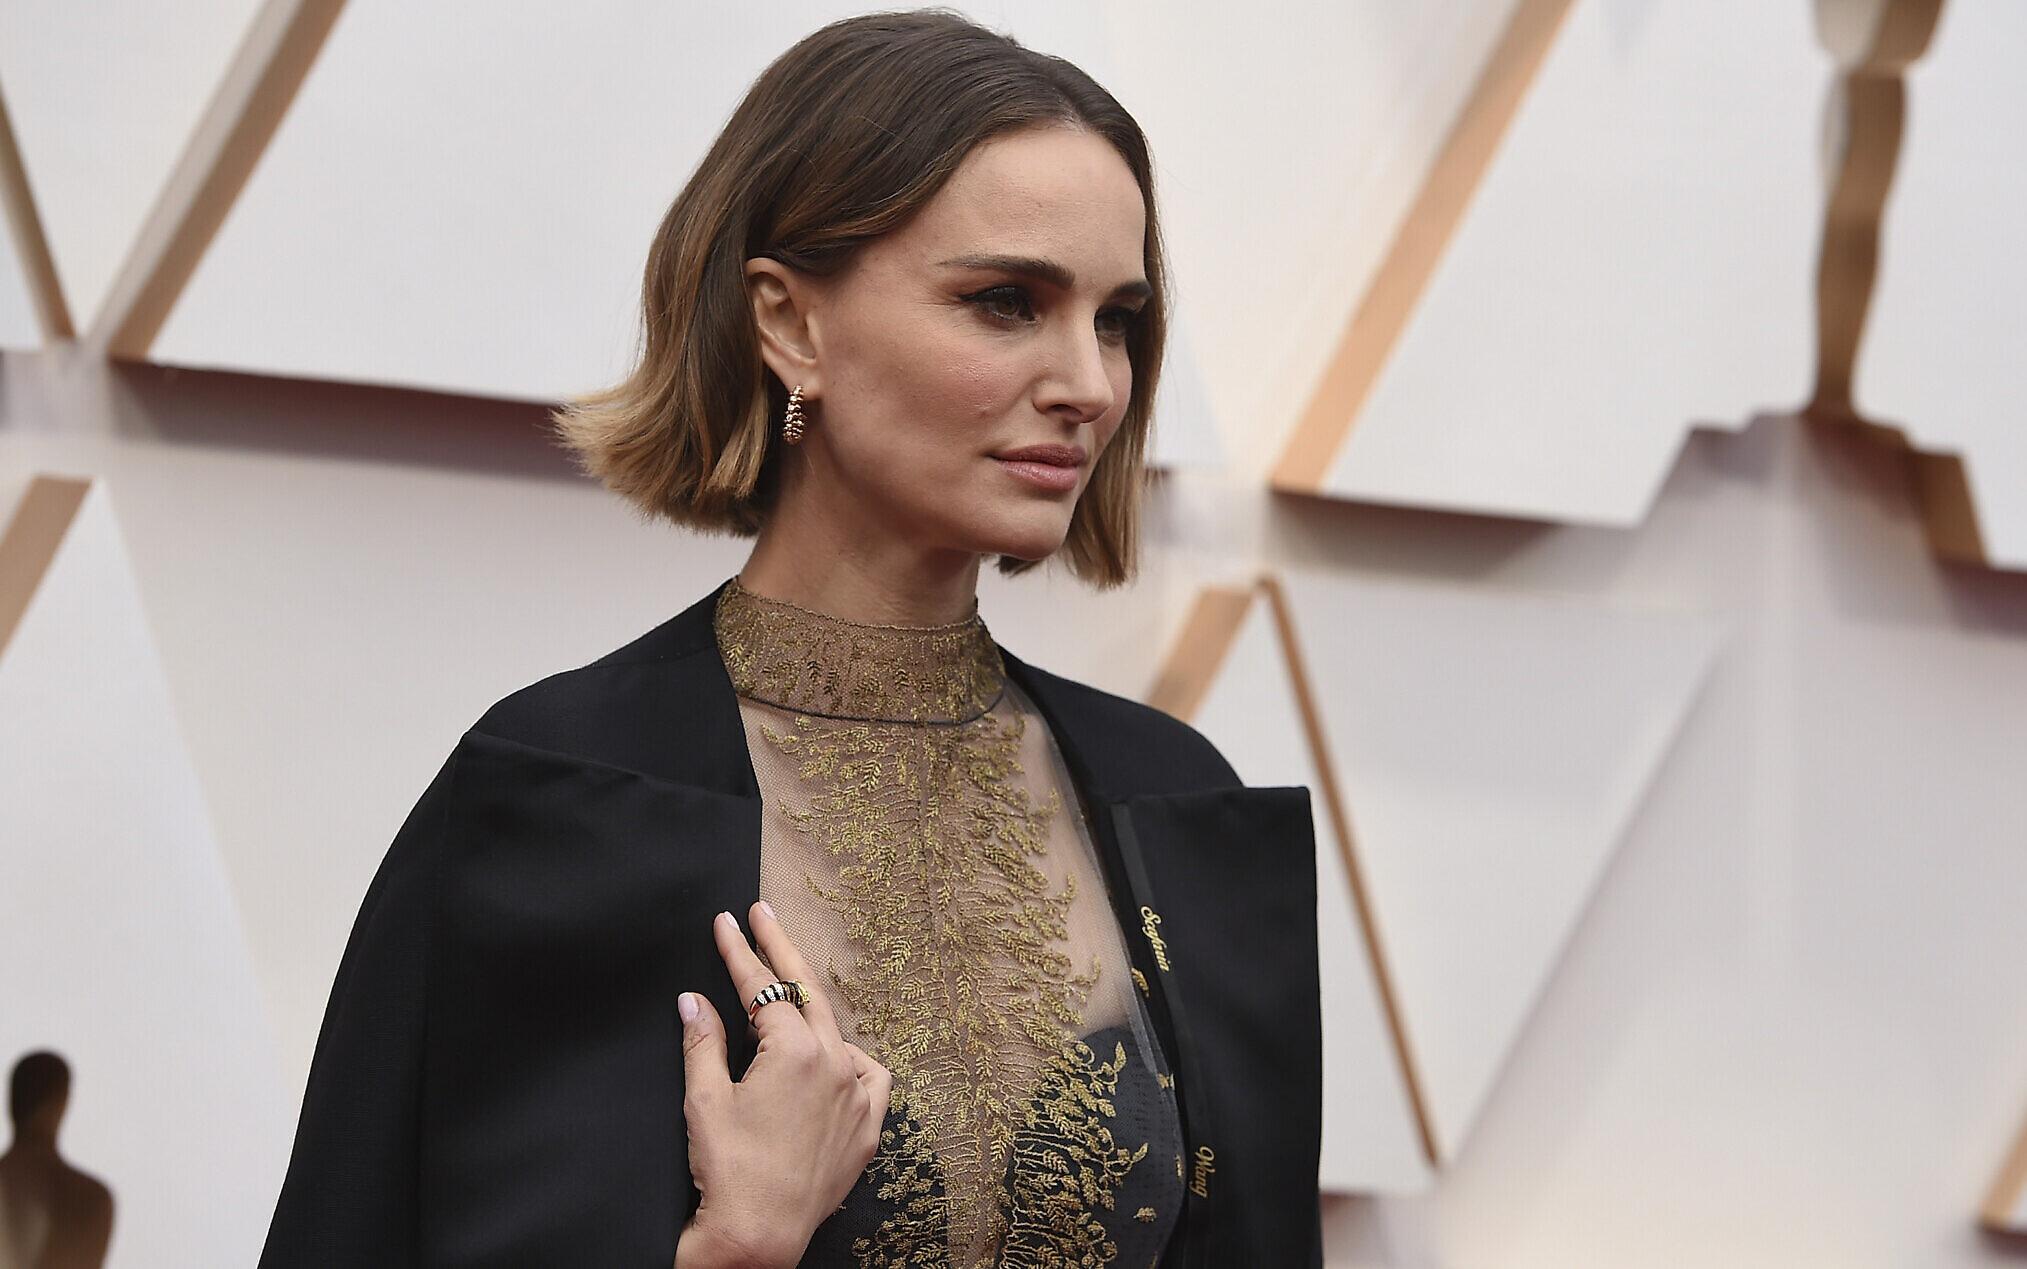 Tout savoir sur la robe Dior de Natalie Portman aux Oscars 2020